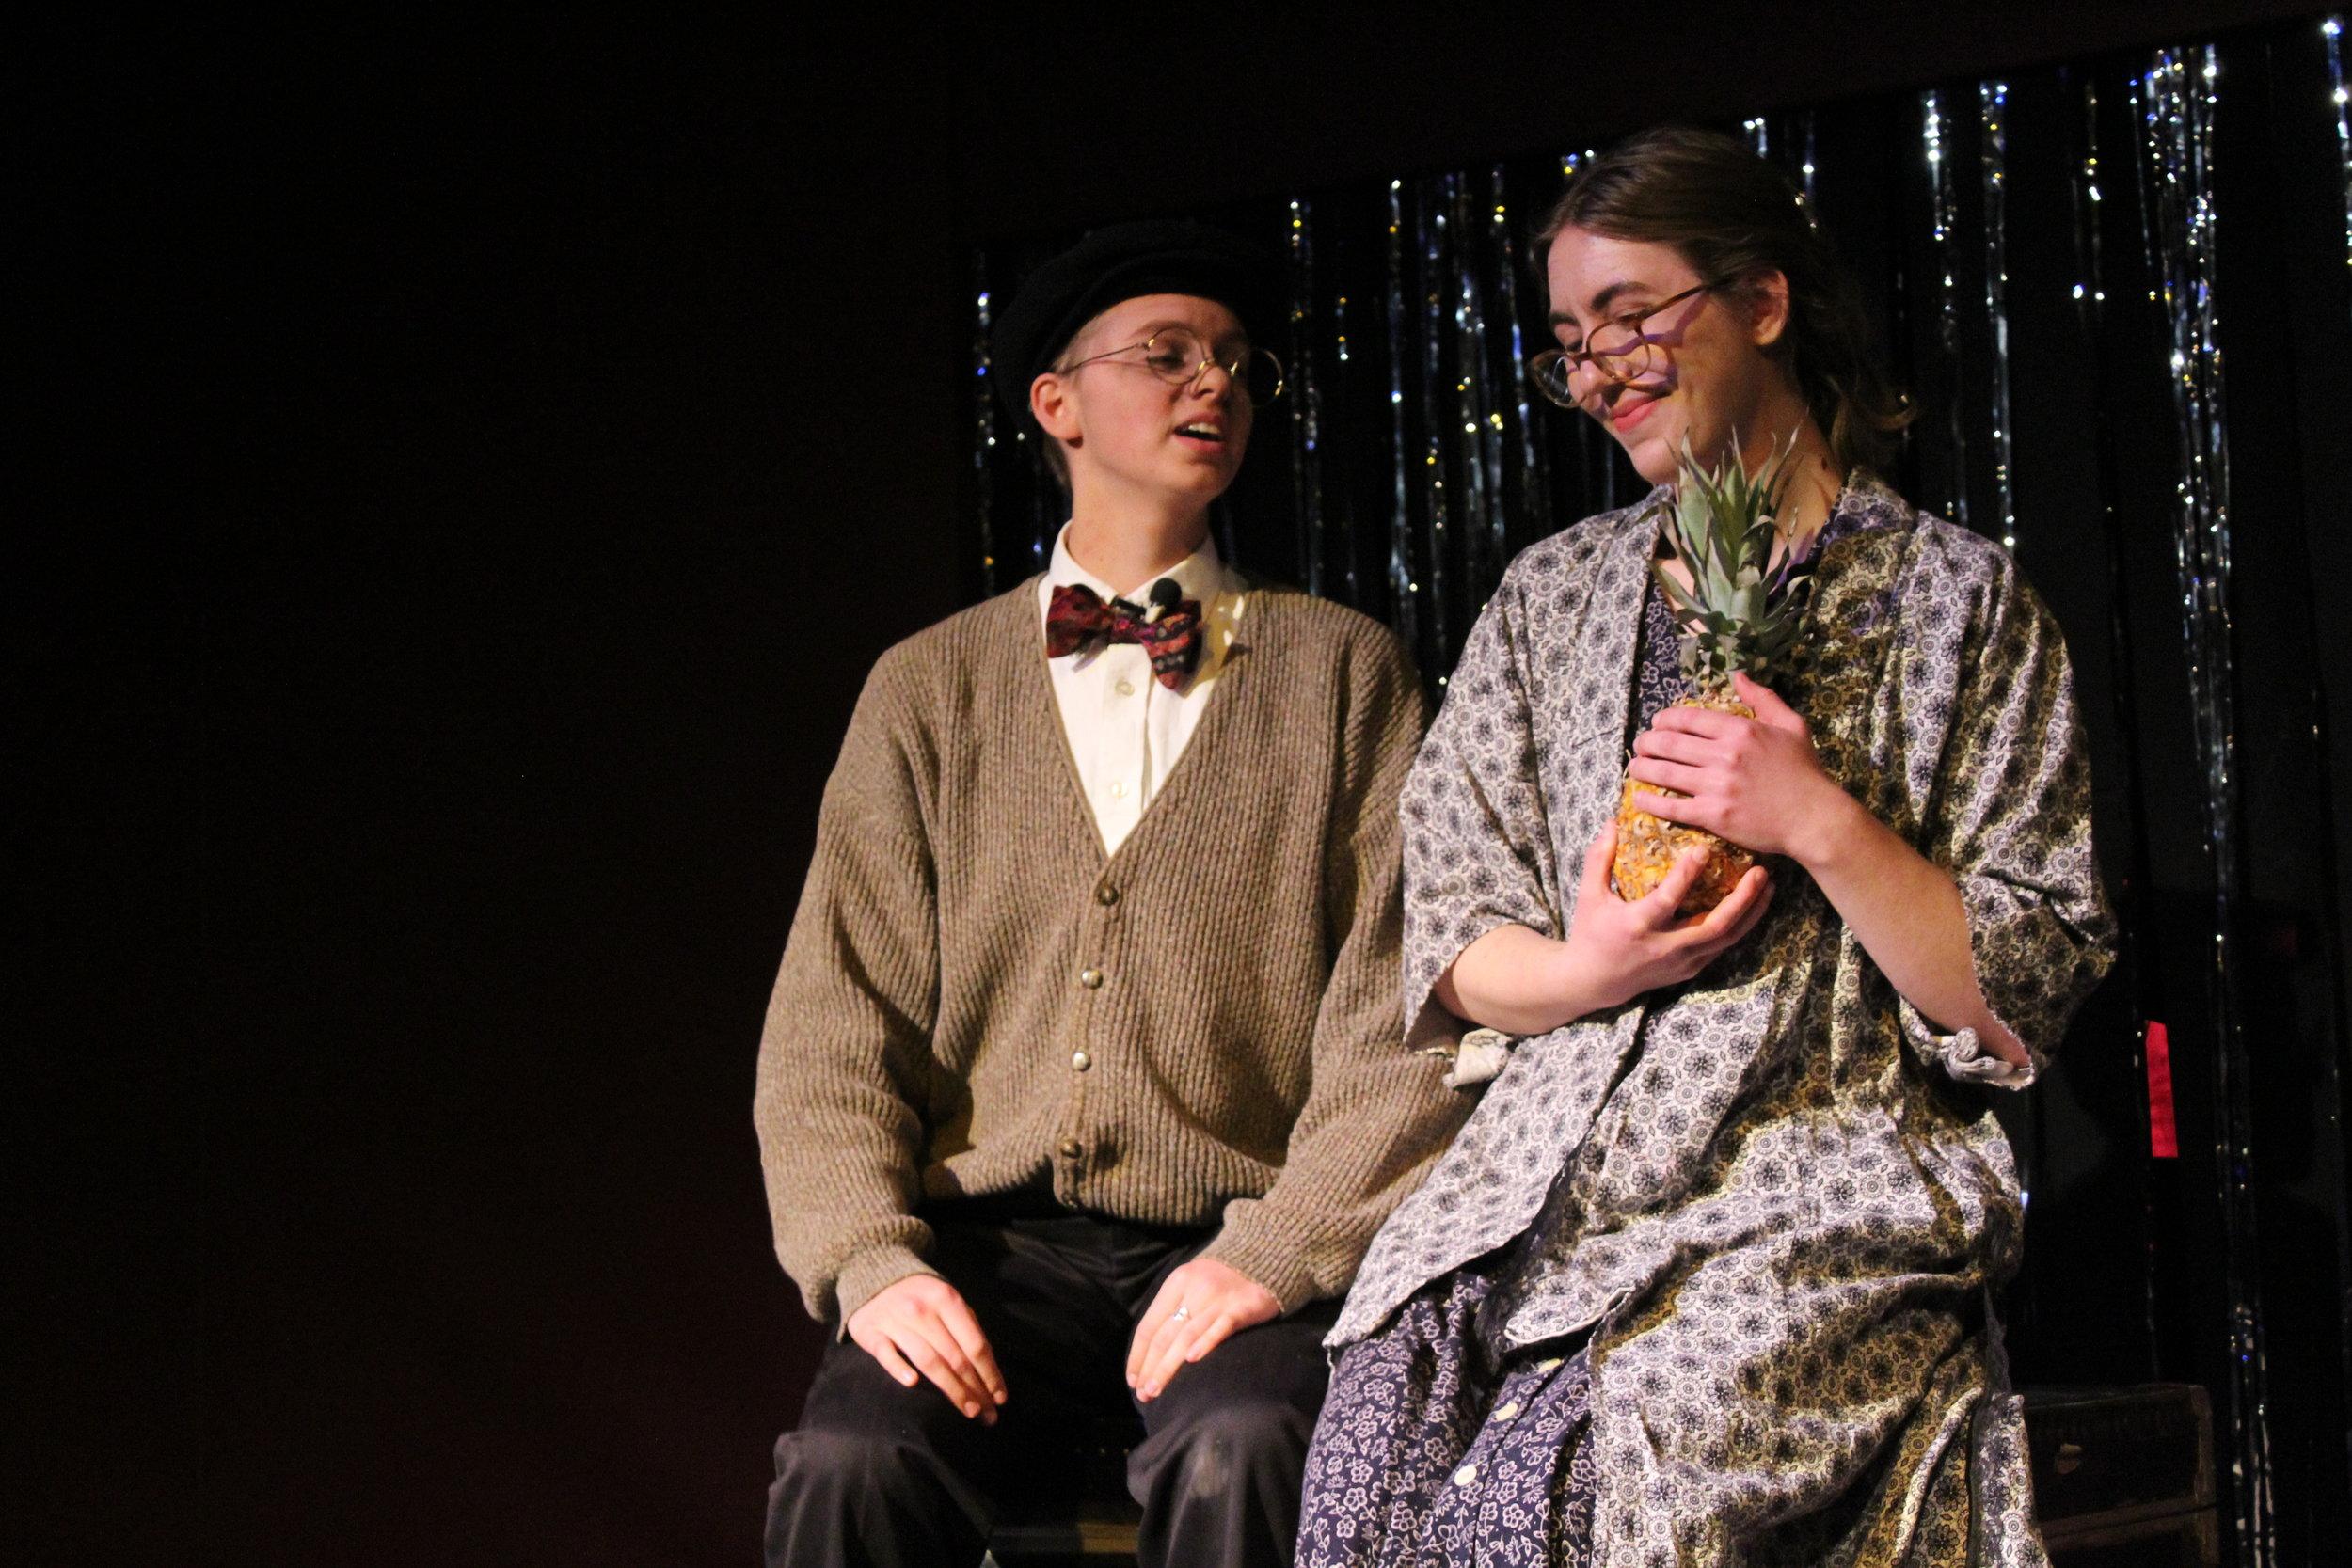 """Finn Scharen (Herr Shultz) & Sarah Erickson (Fraulein Kost) sing """"It Couldn't Please Me More (The Pineapple Song)"""""""